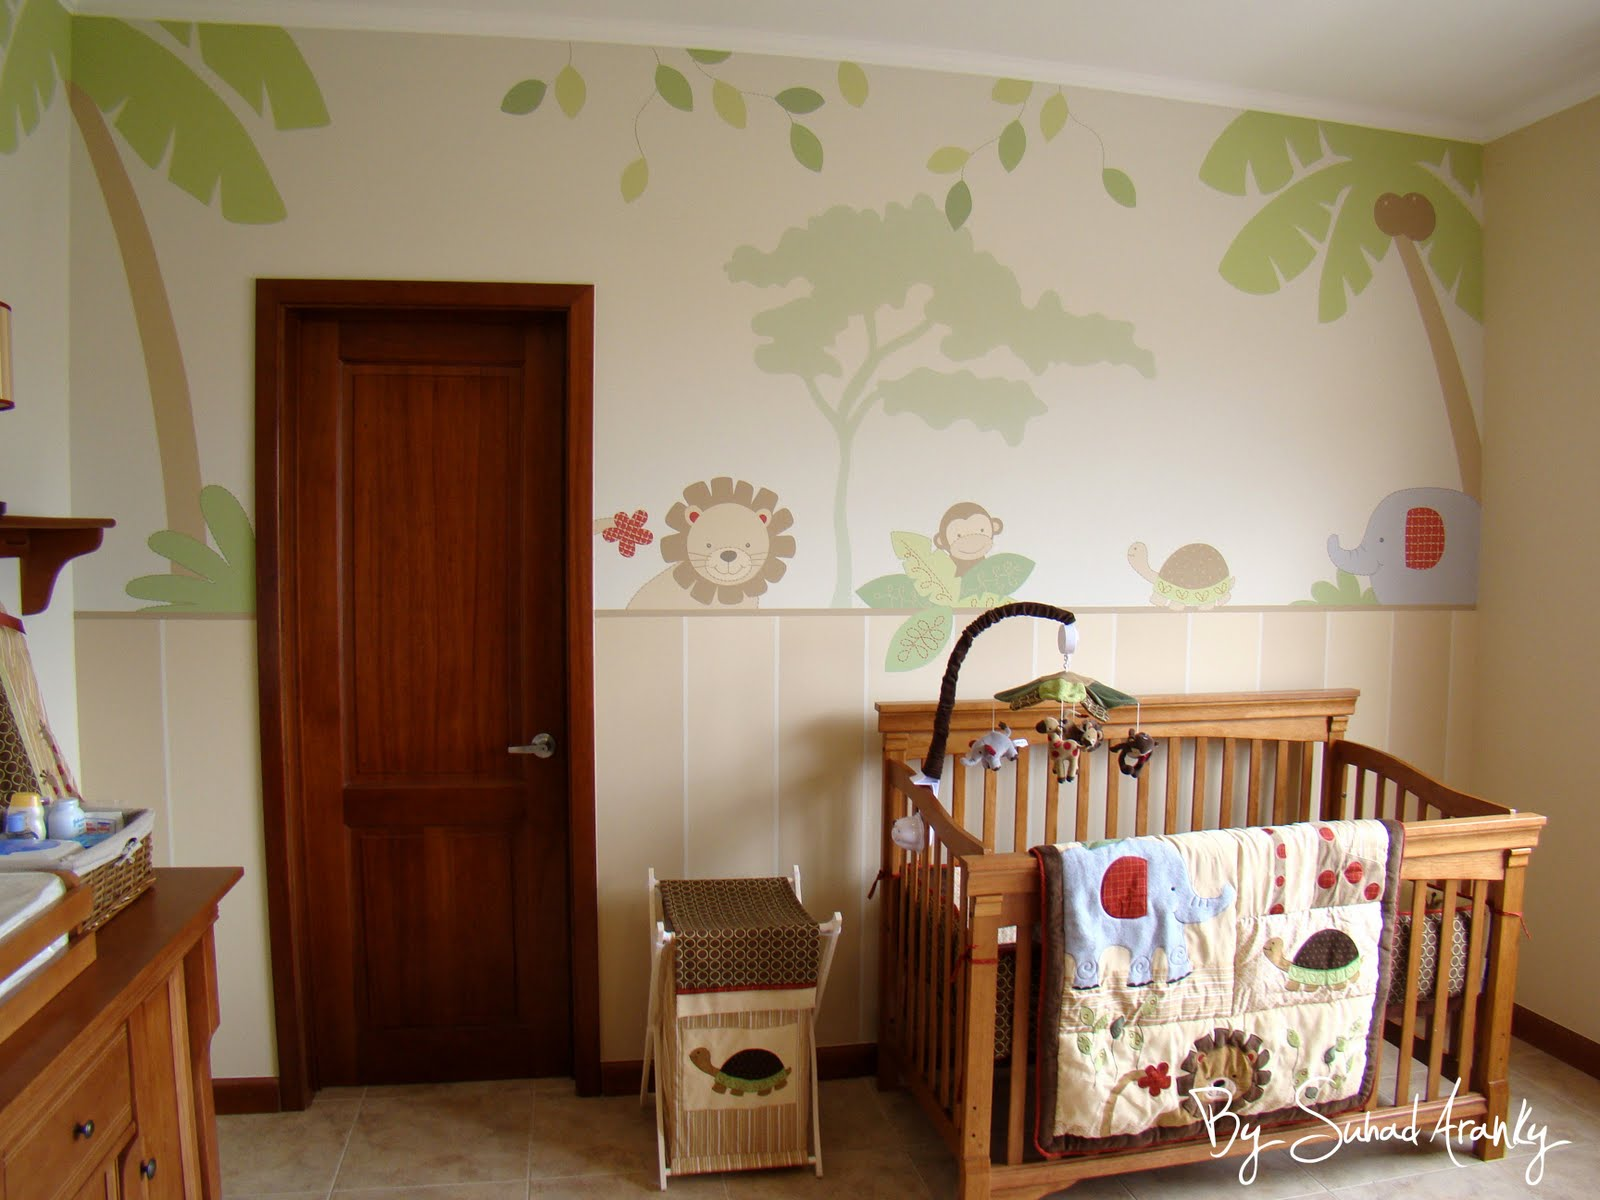 Murales en dormitorios cuarto beb selva for Murales habitacion bebe